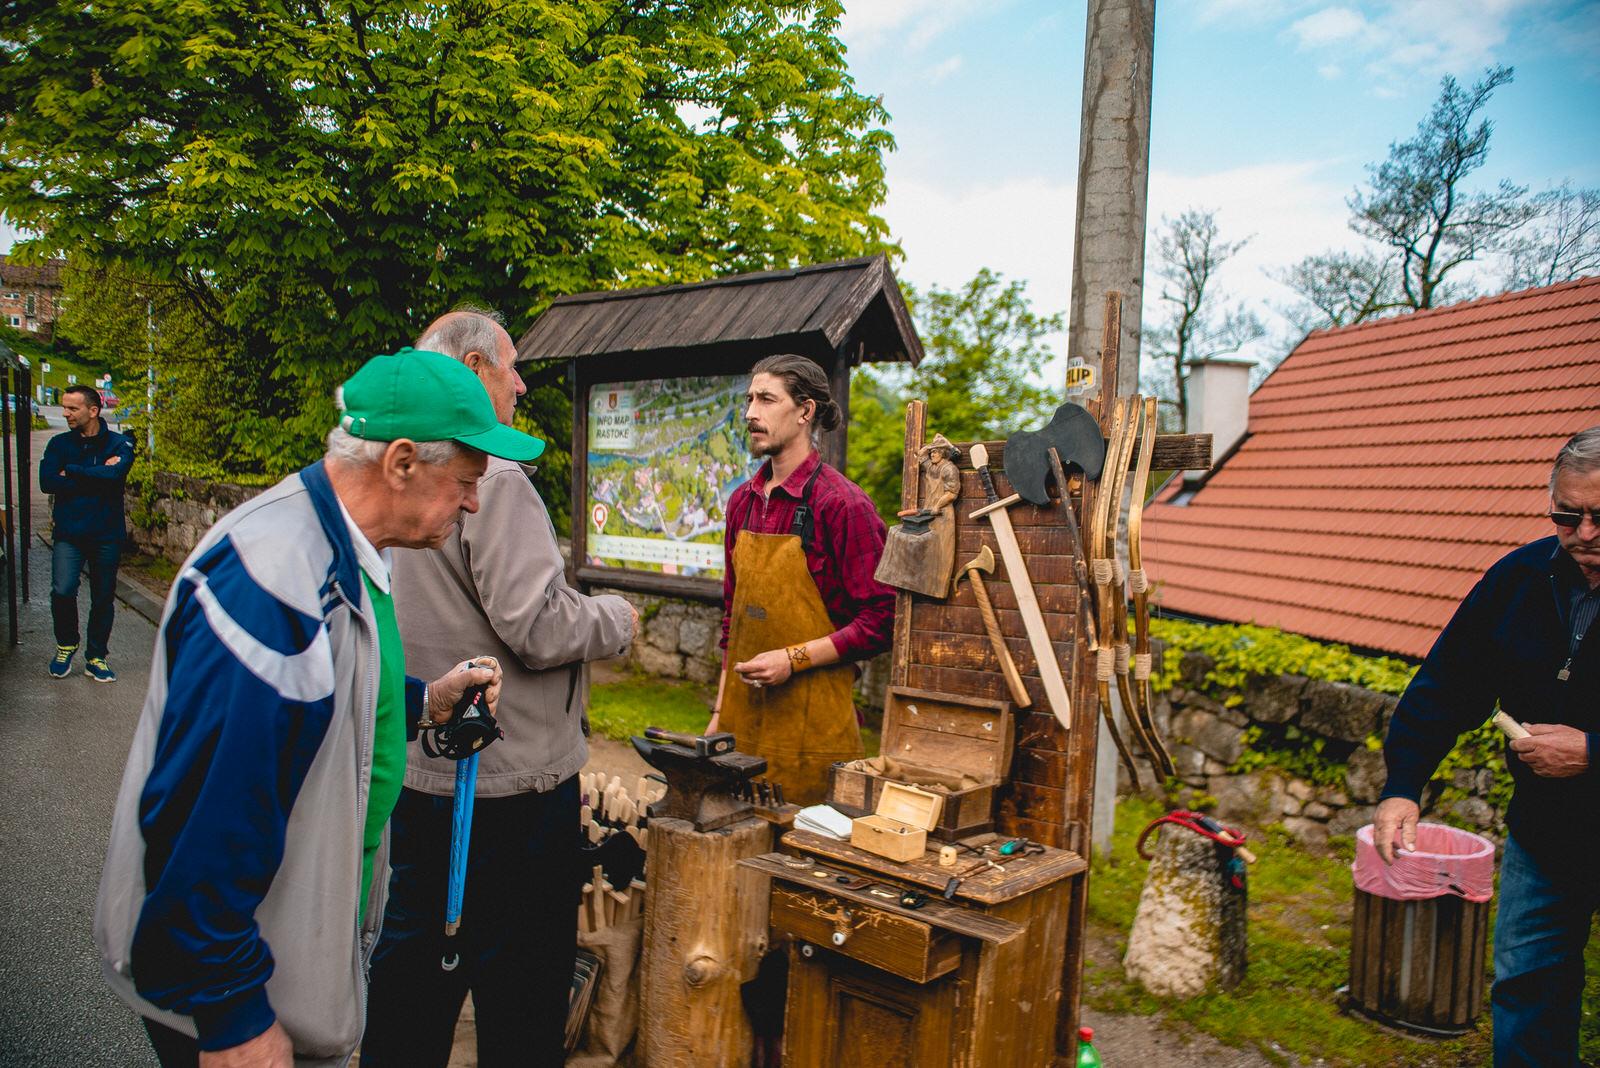 likaclub_slunj_rastoke_5-festival-nordijskog-hodanja_2019-19